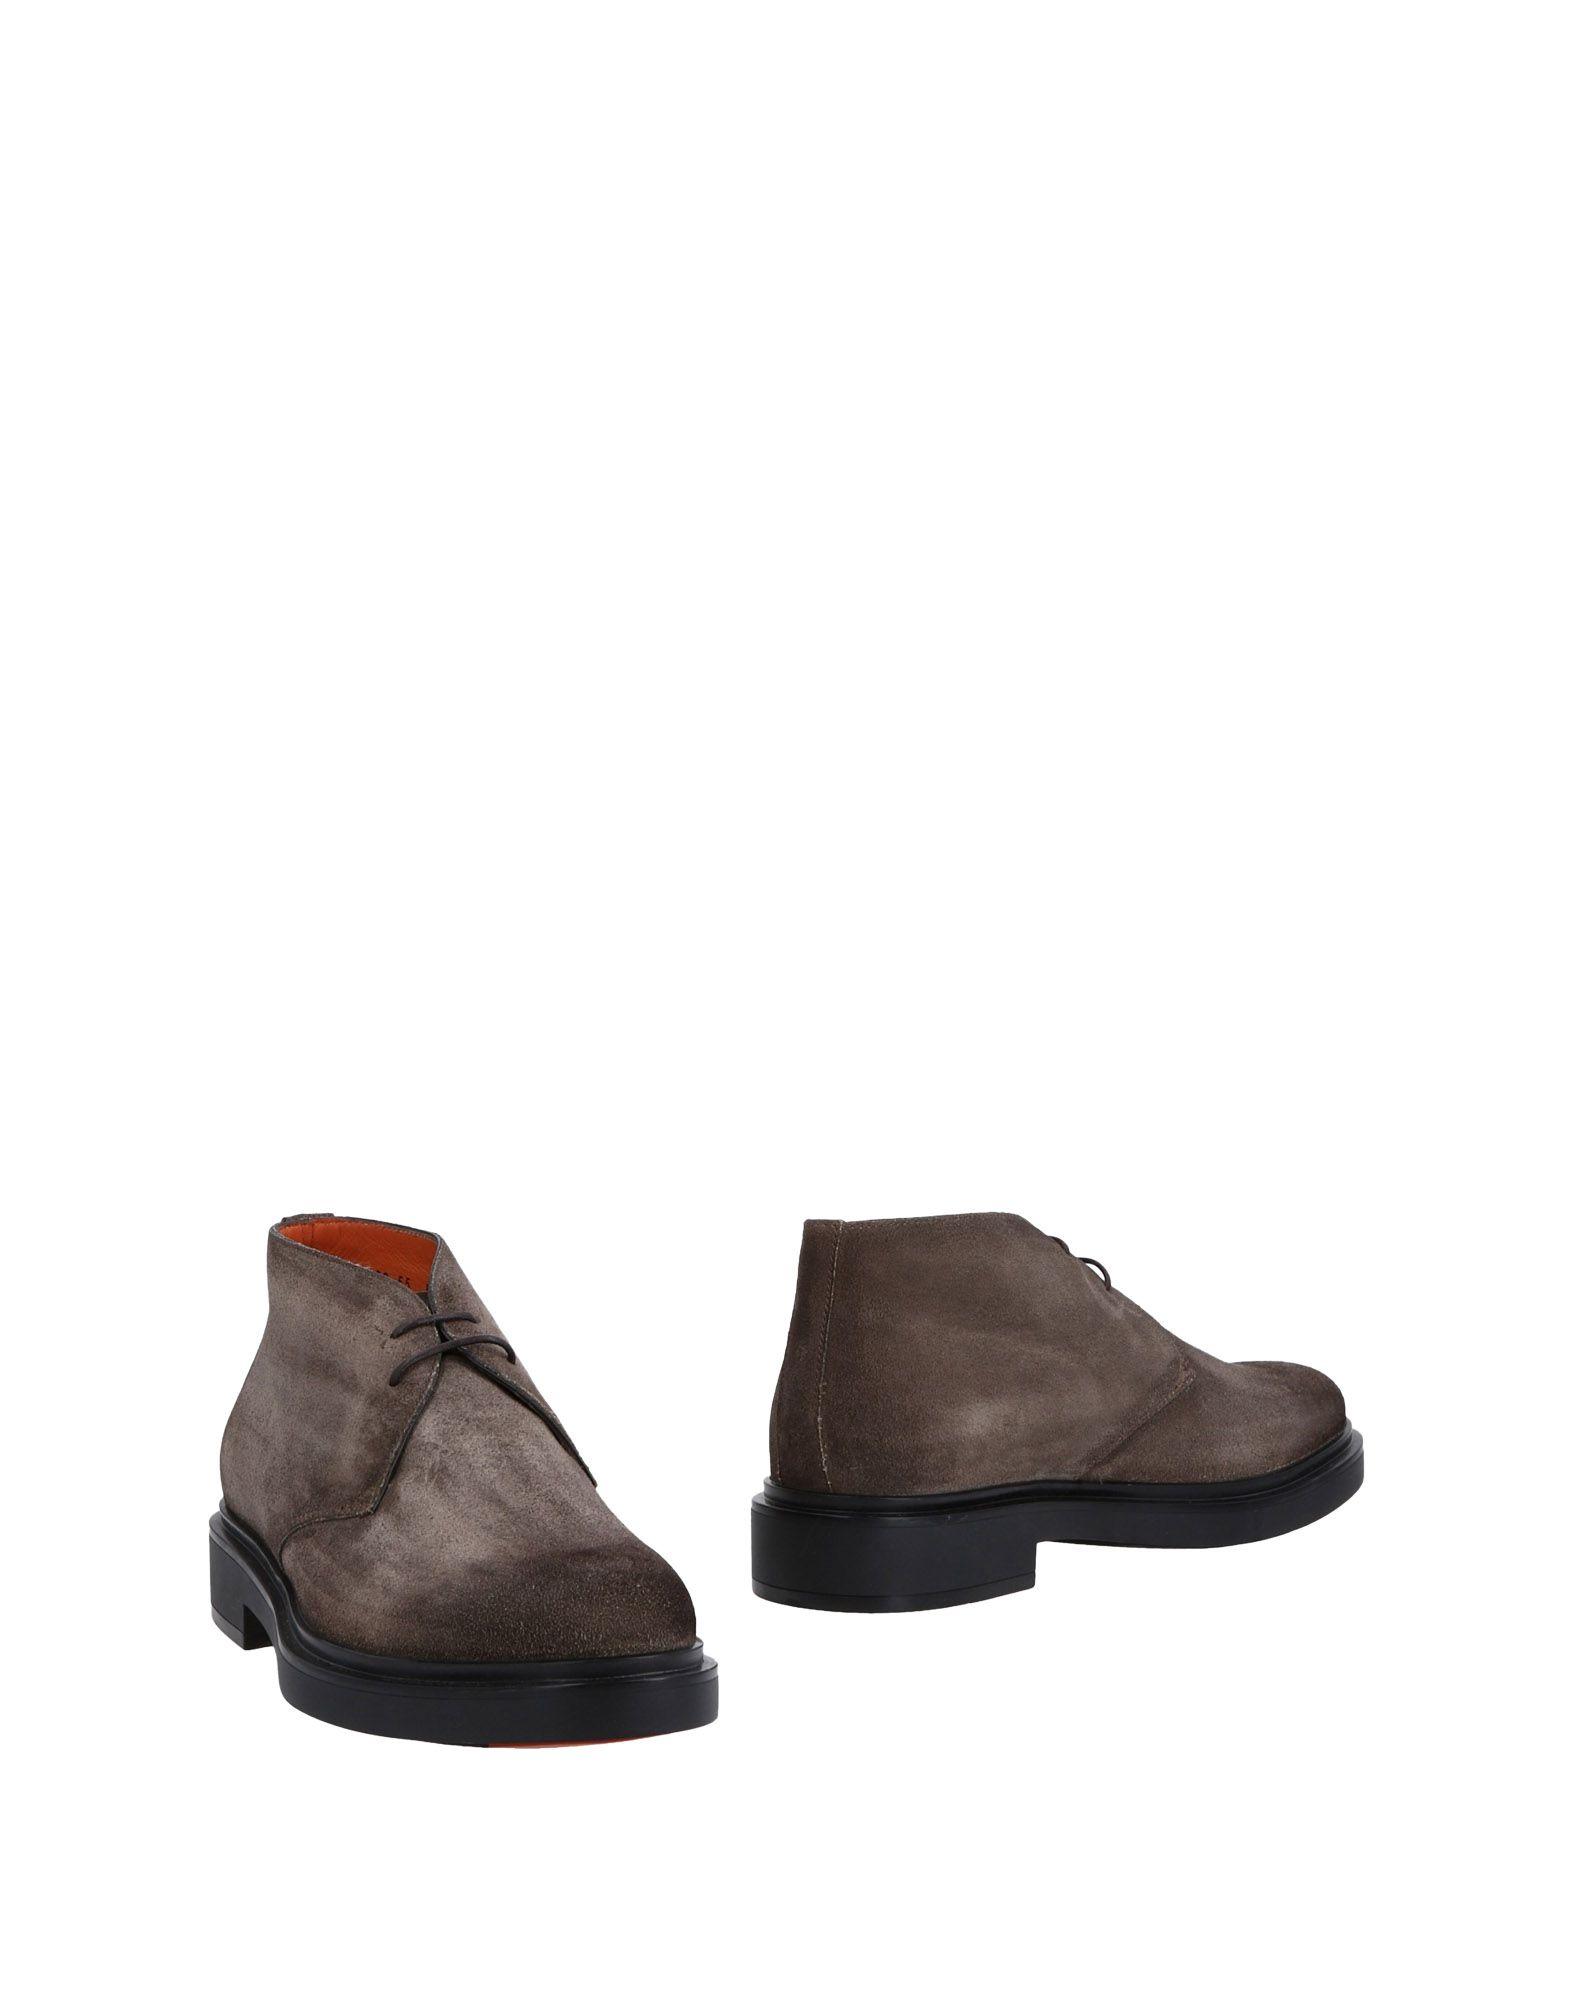 Santoni Stiefelette Herren  11478509EJ Gute Qualität beliebte Schuhe